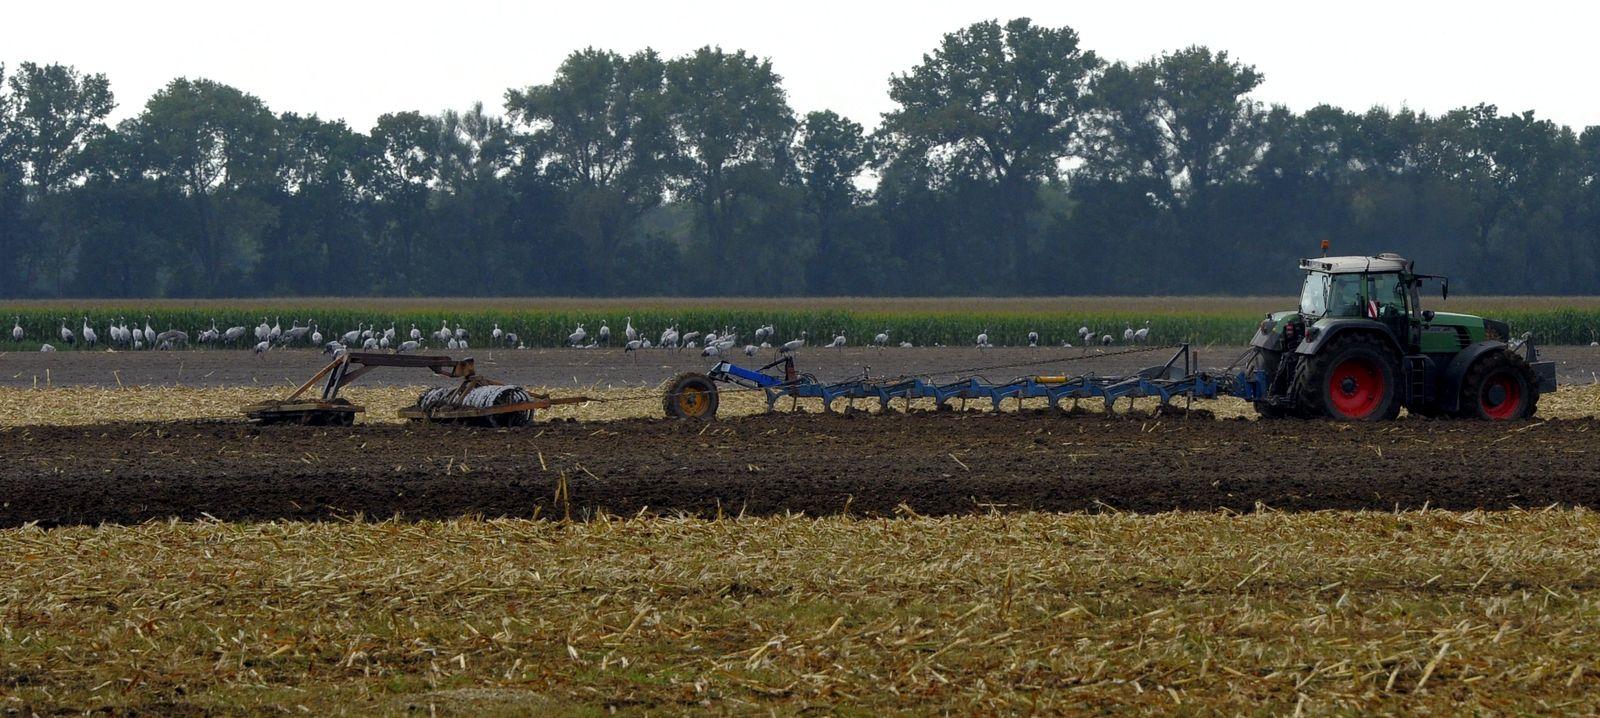 NICHT VERWENDEN Landwirtschaft Polen